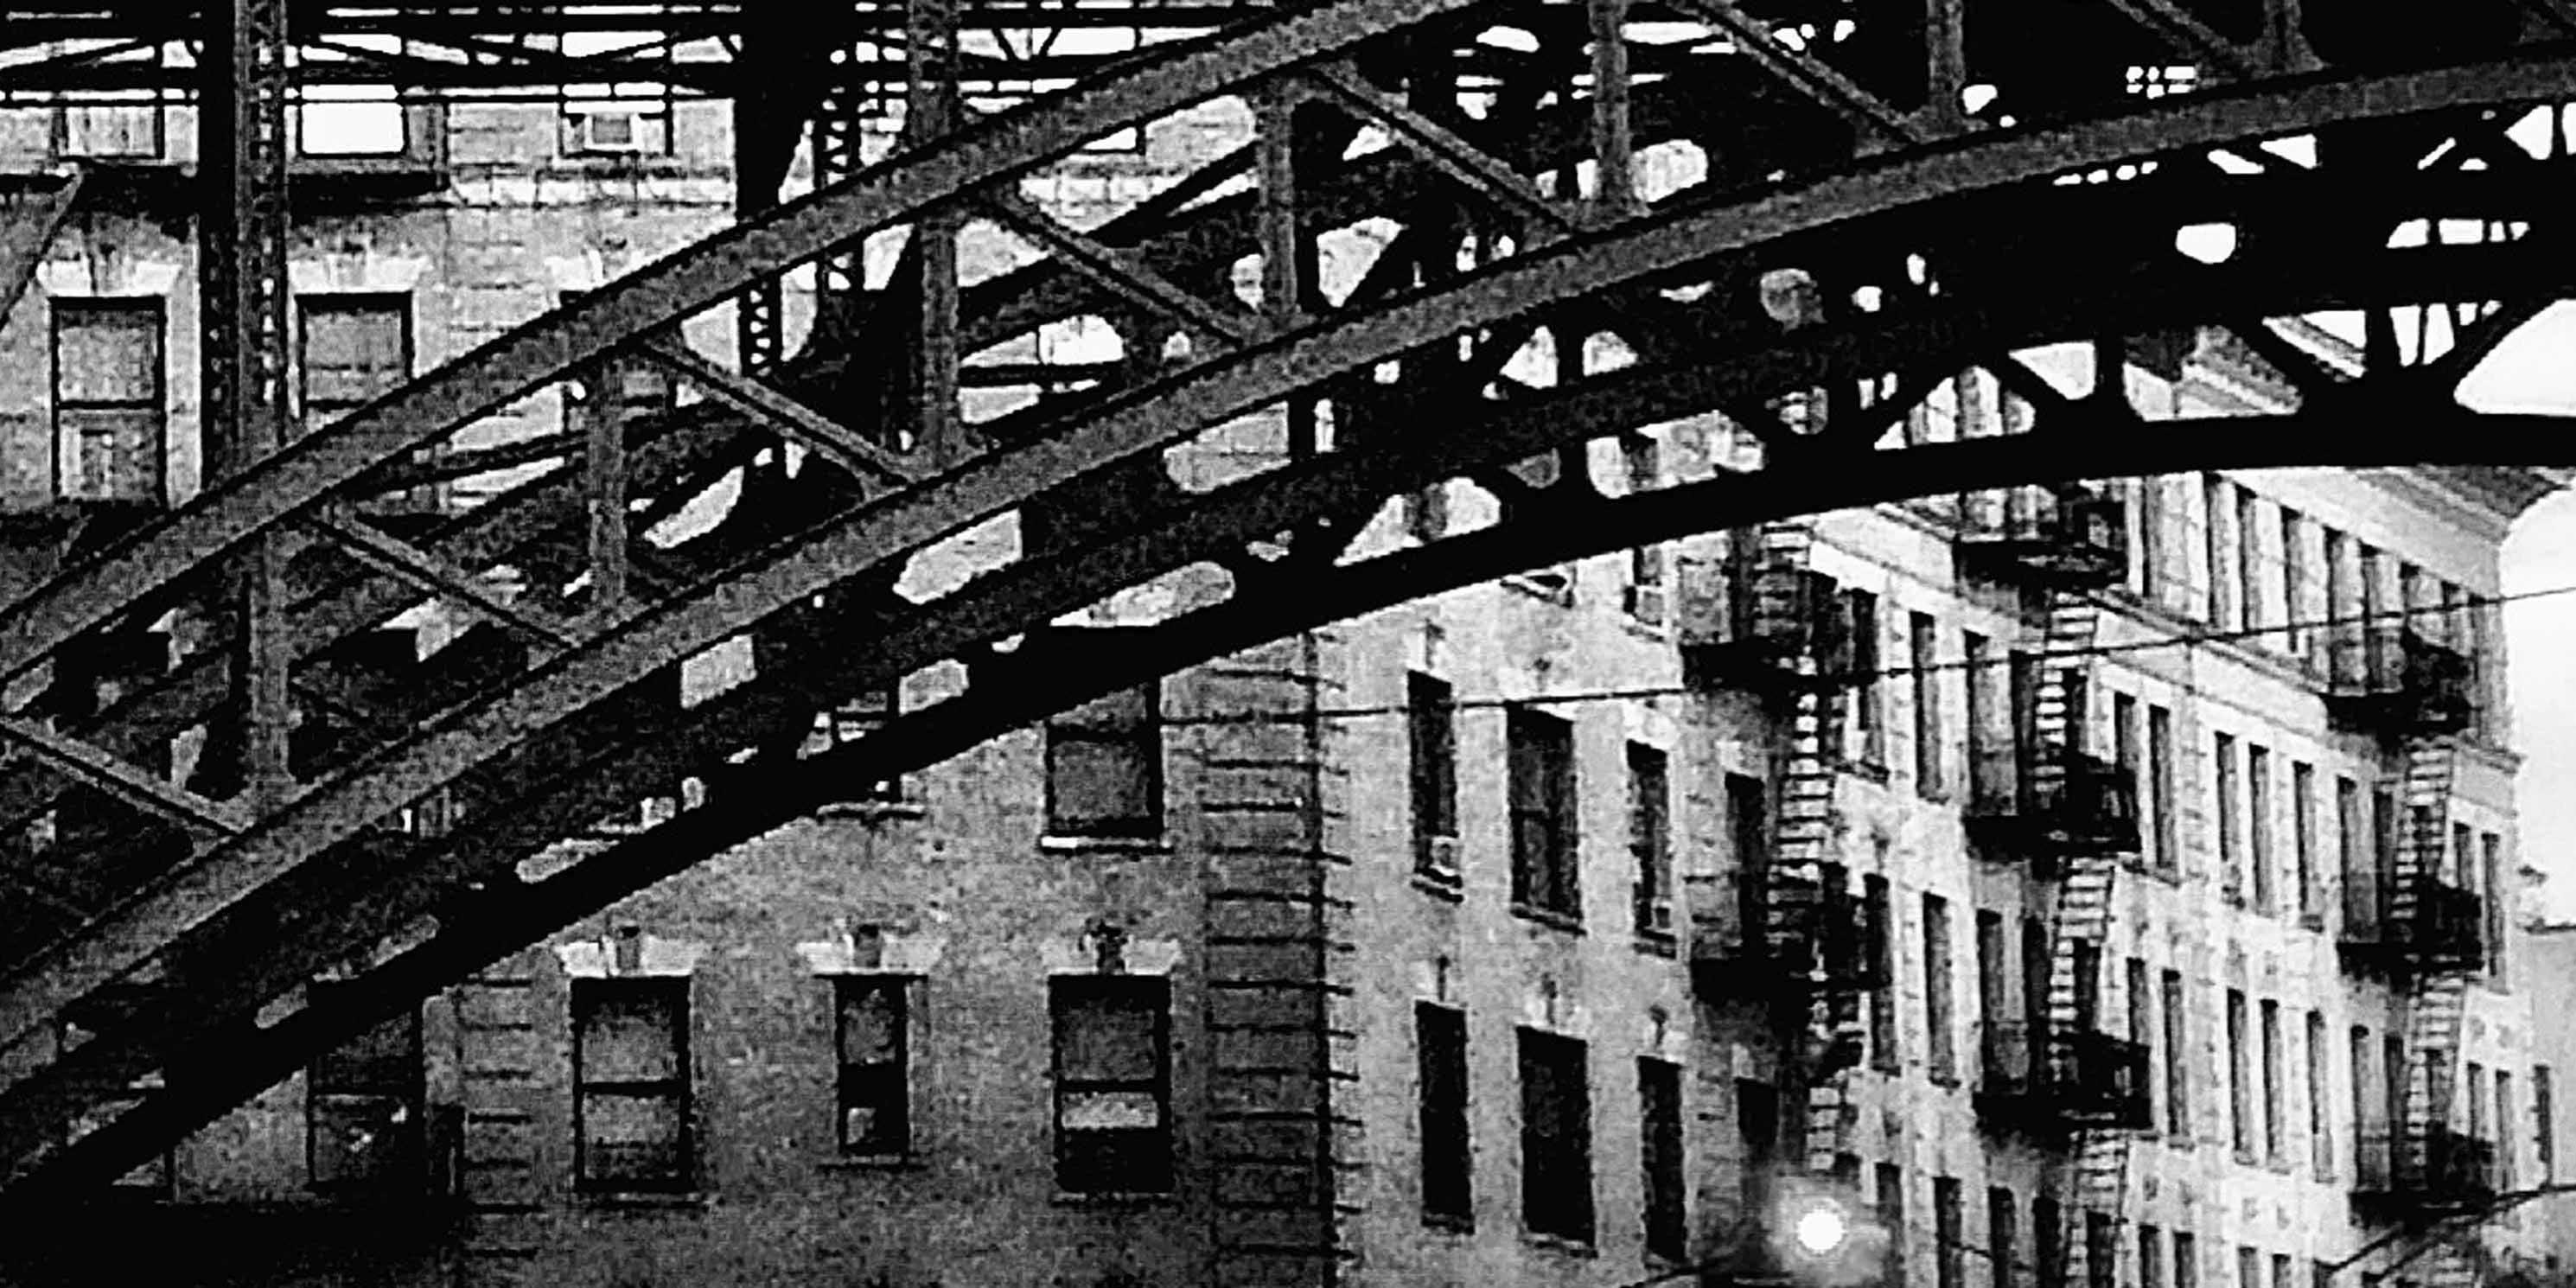 metal arched subway bridge in Manhattanville